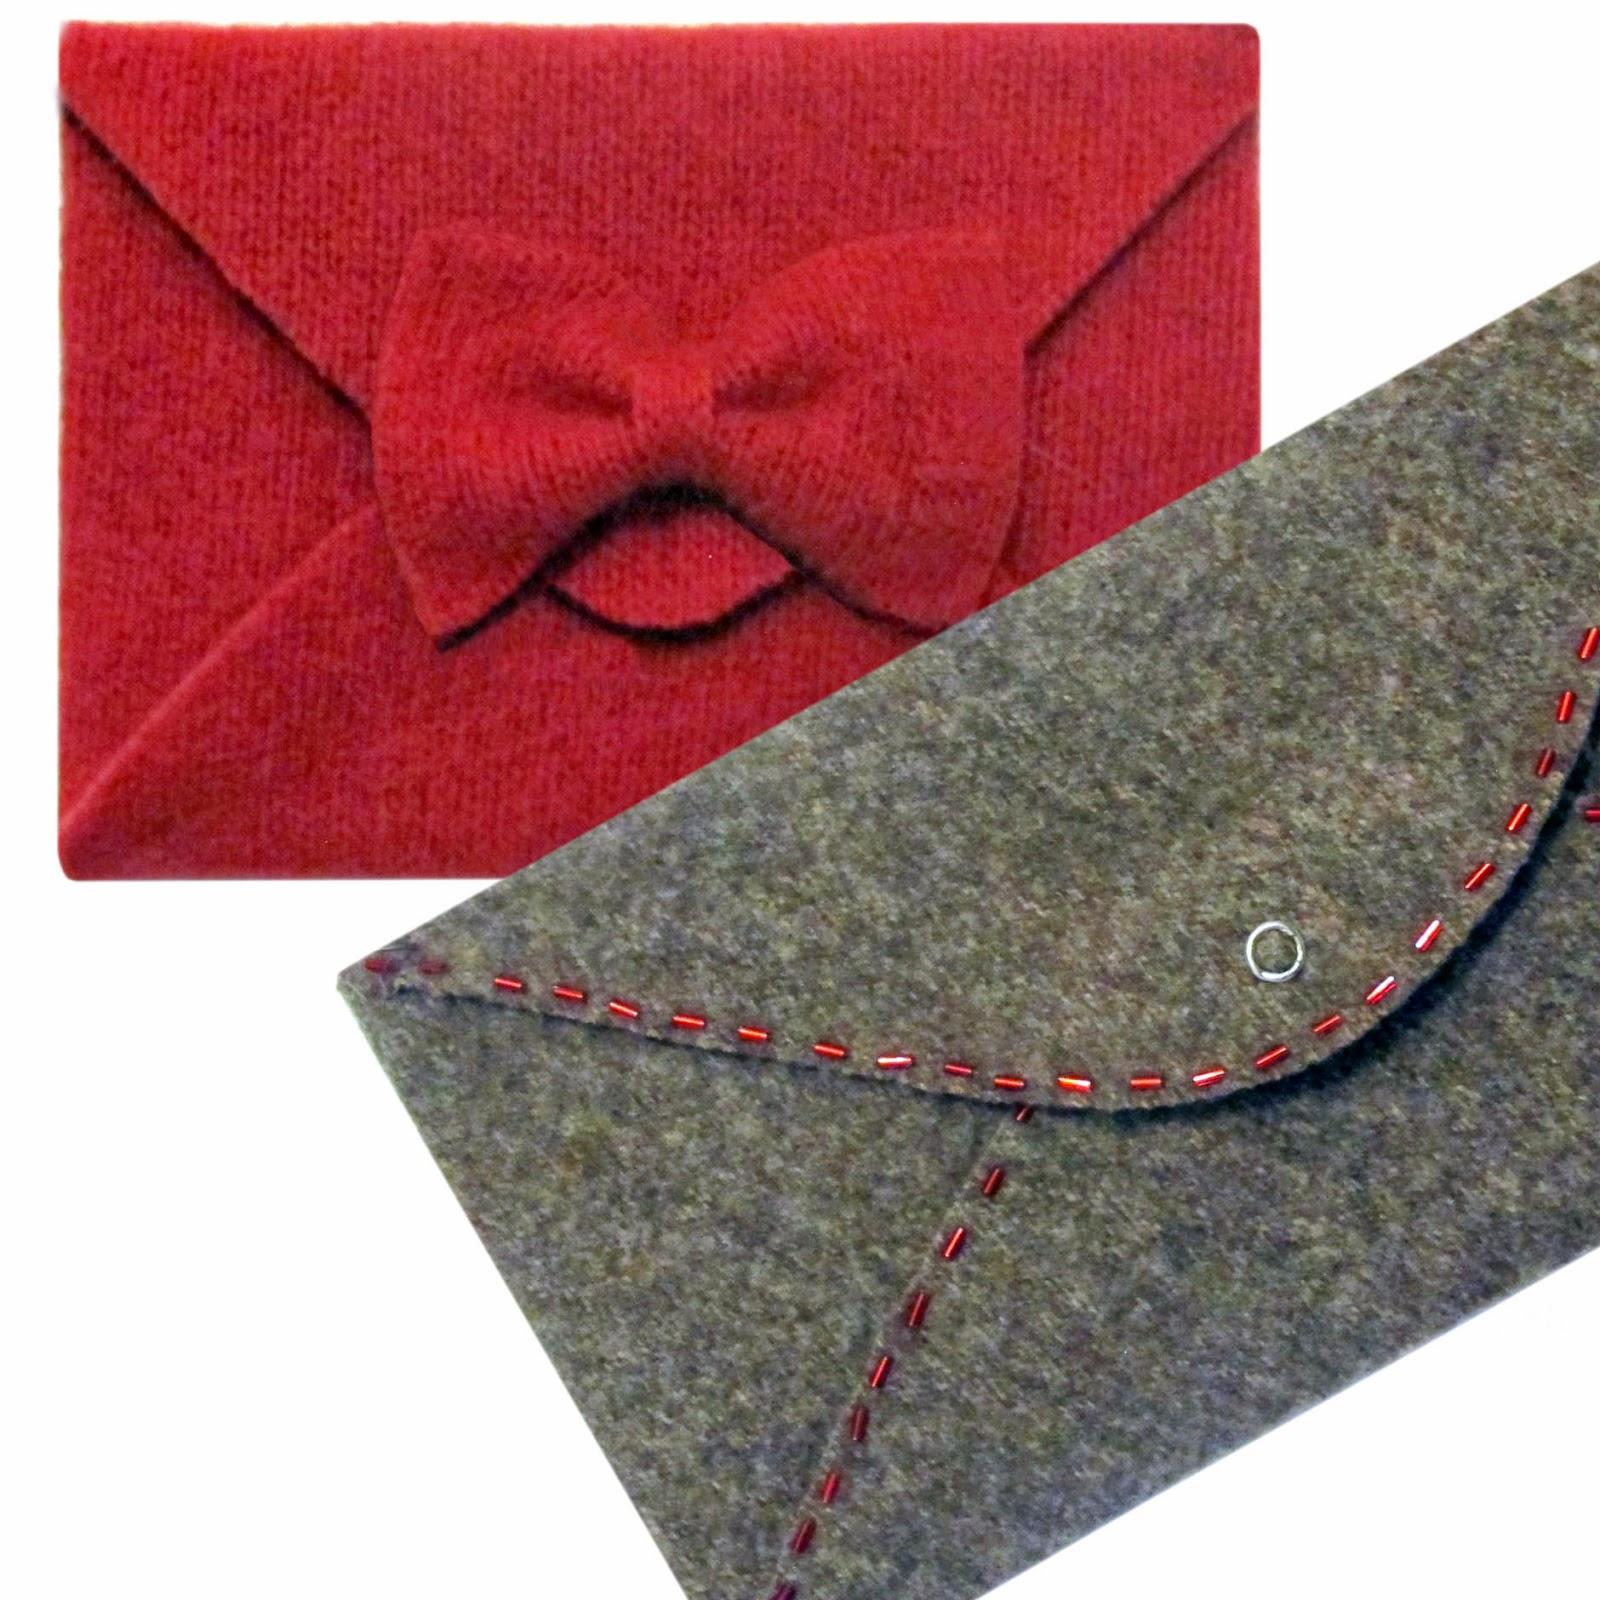 Diy fabriquer une pochette en feutre blogue de couture diy de la fabrique thique - Enlever feutre sur tissu ...